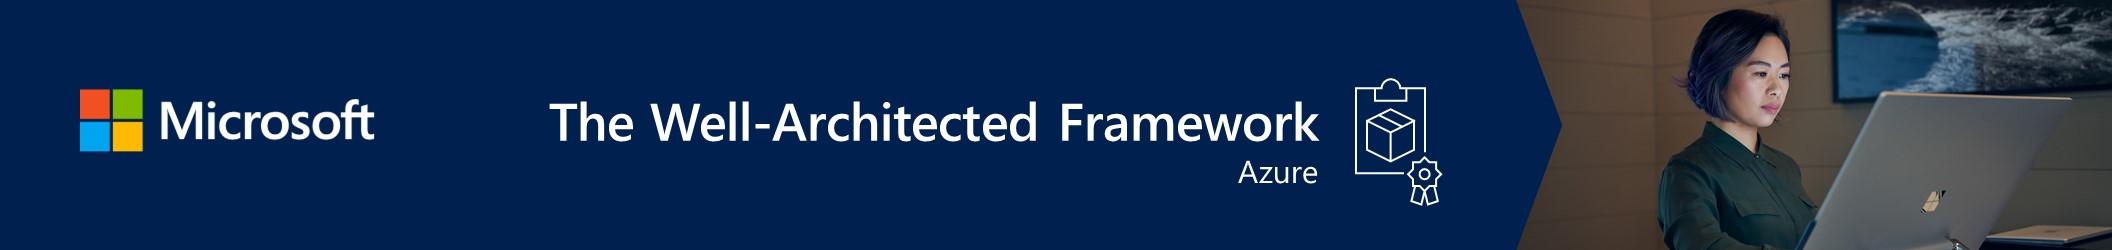 Azure's Well-Architected Framework | Pillar 1: Cost Optimization